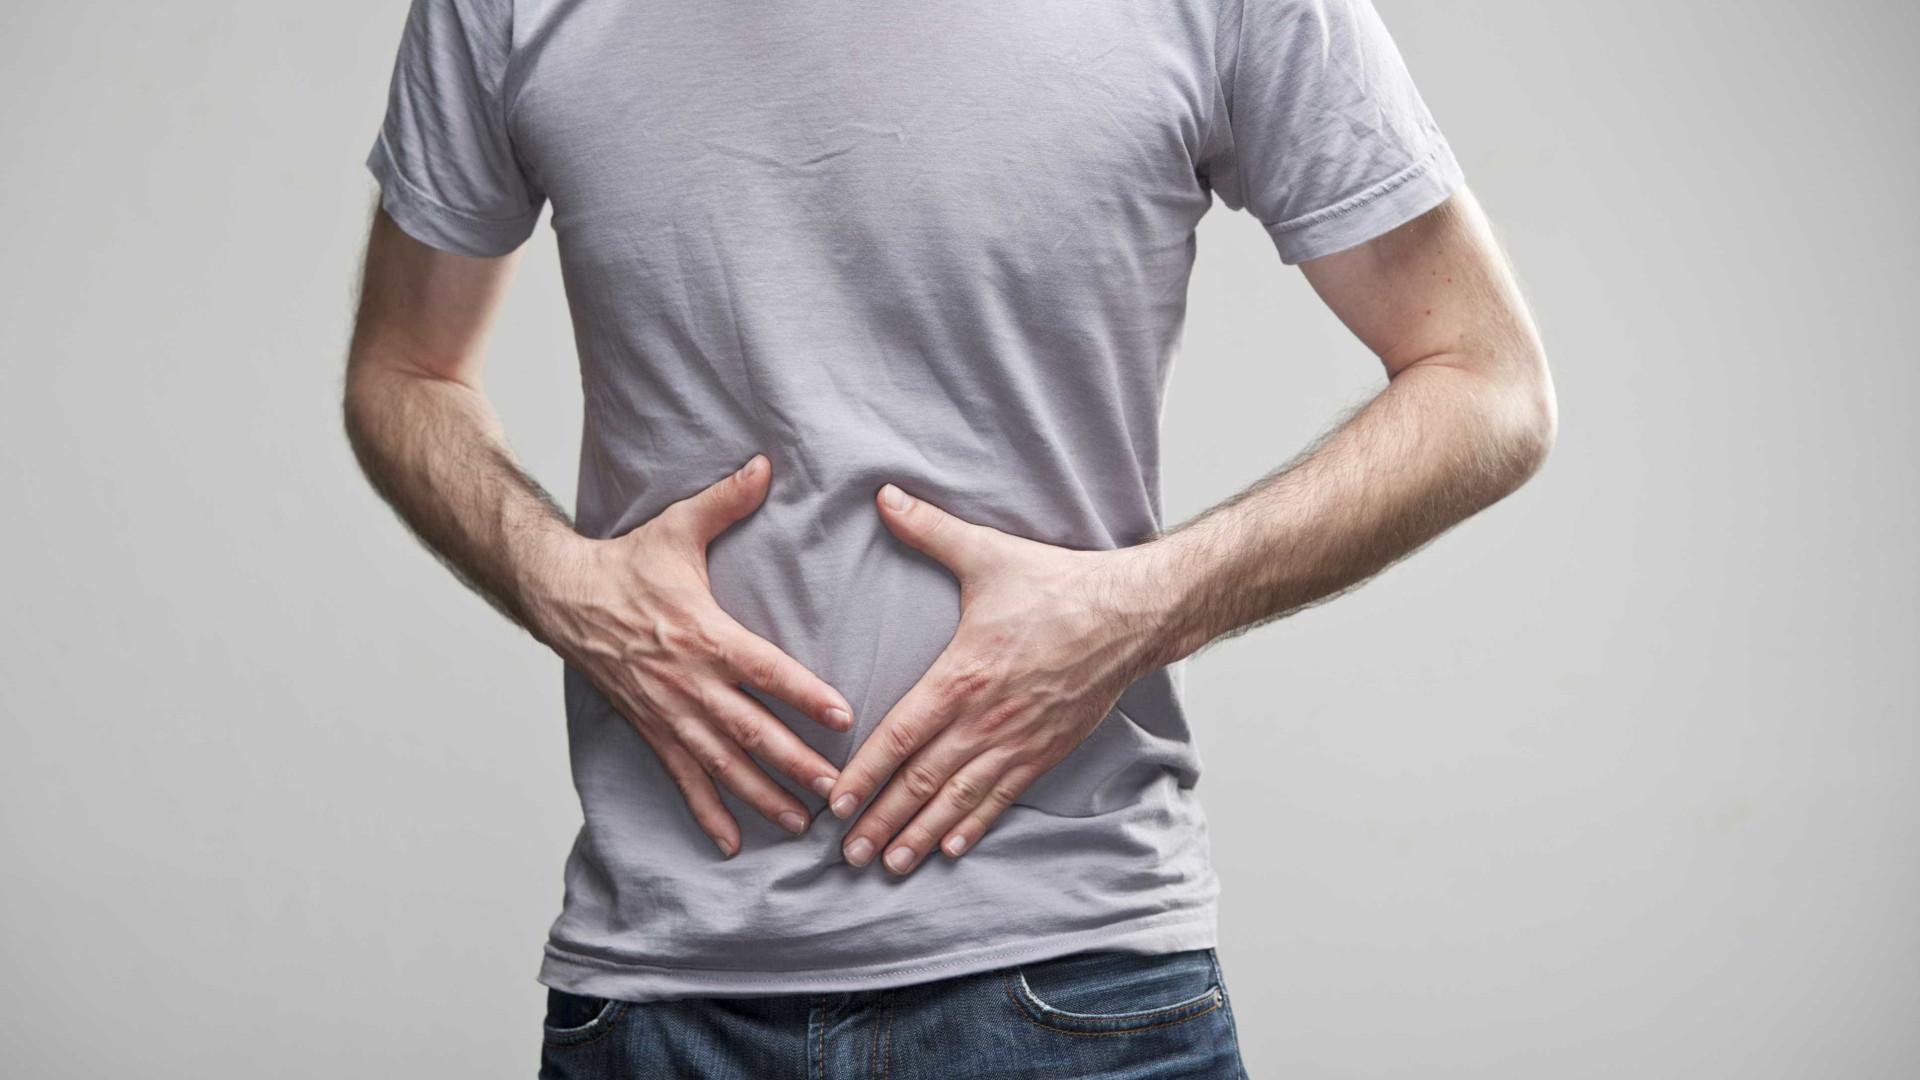 Estudo relaciona uso de Omeprazol a câncer de estômago; entenda